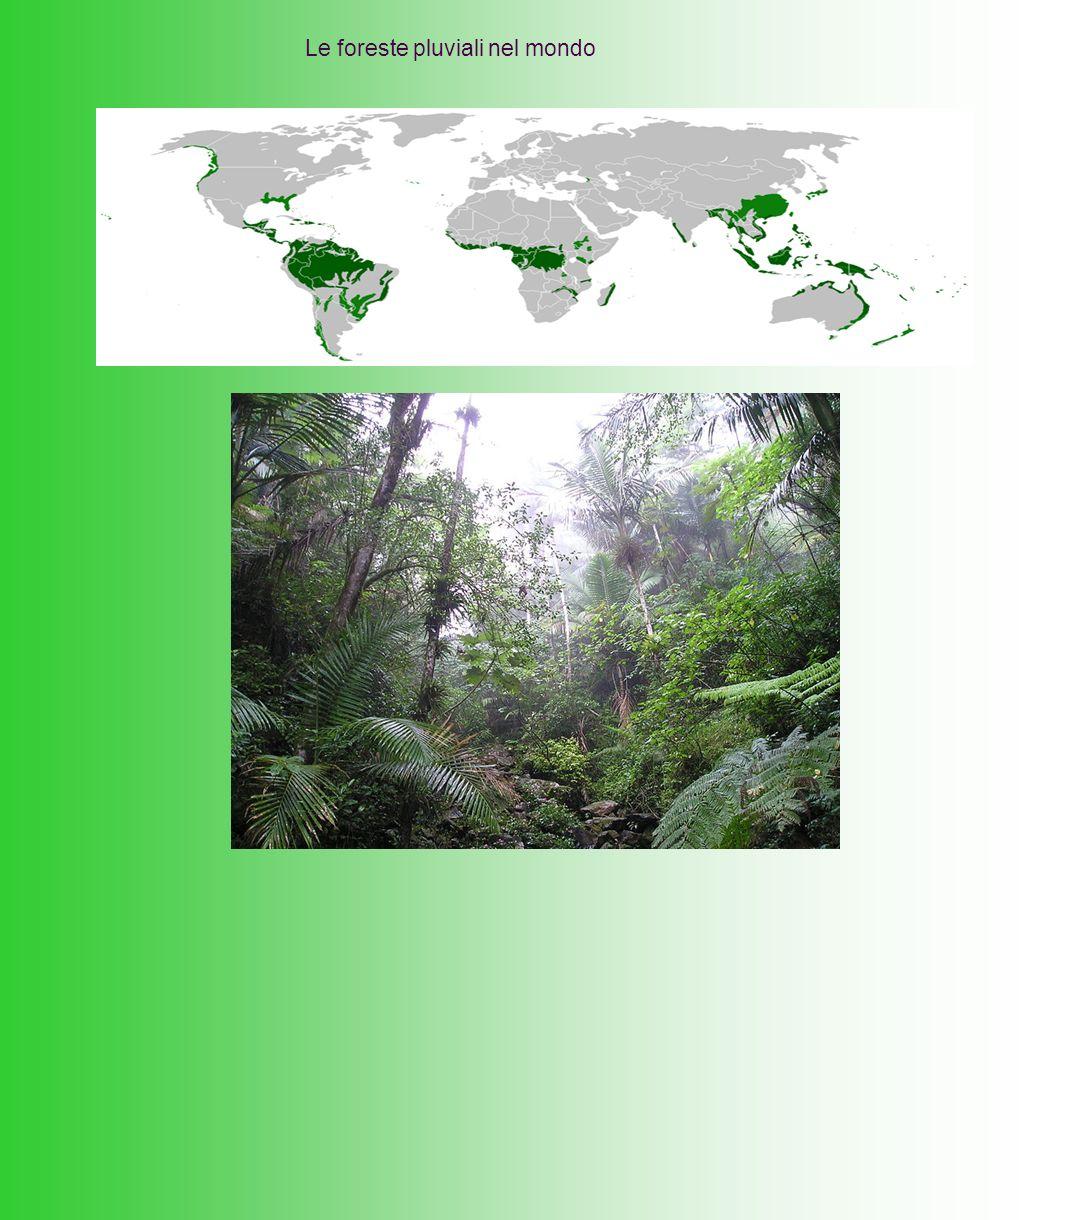 Le foreste pluviali nel mondo